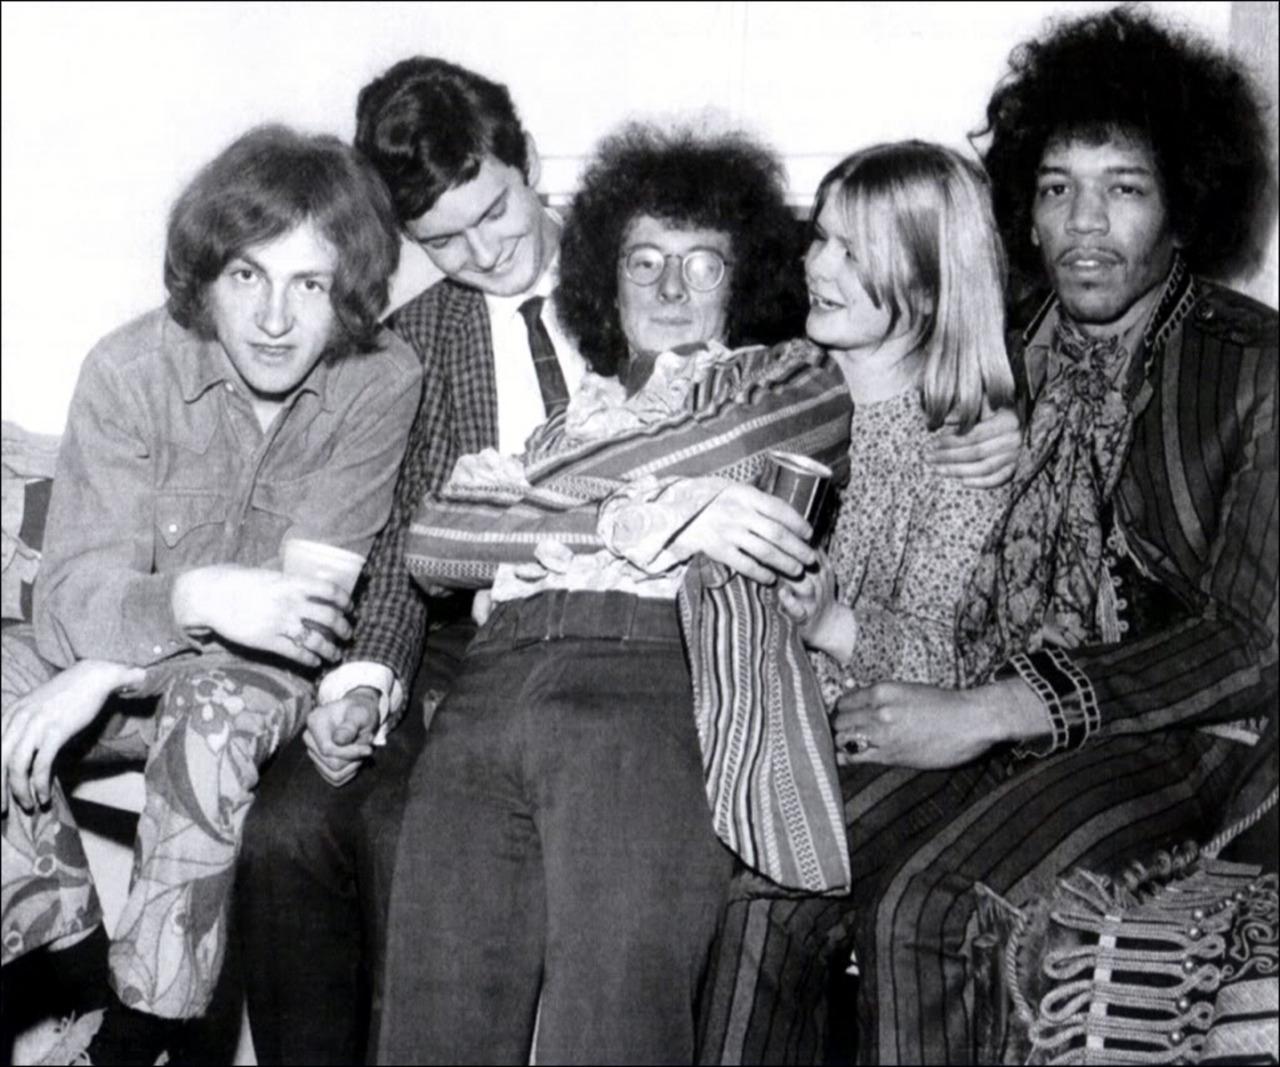 1967. Джими Хендрикс, Ноэль Реддинг и Митч Митчелл с поклонниками